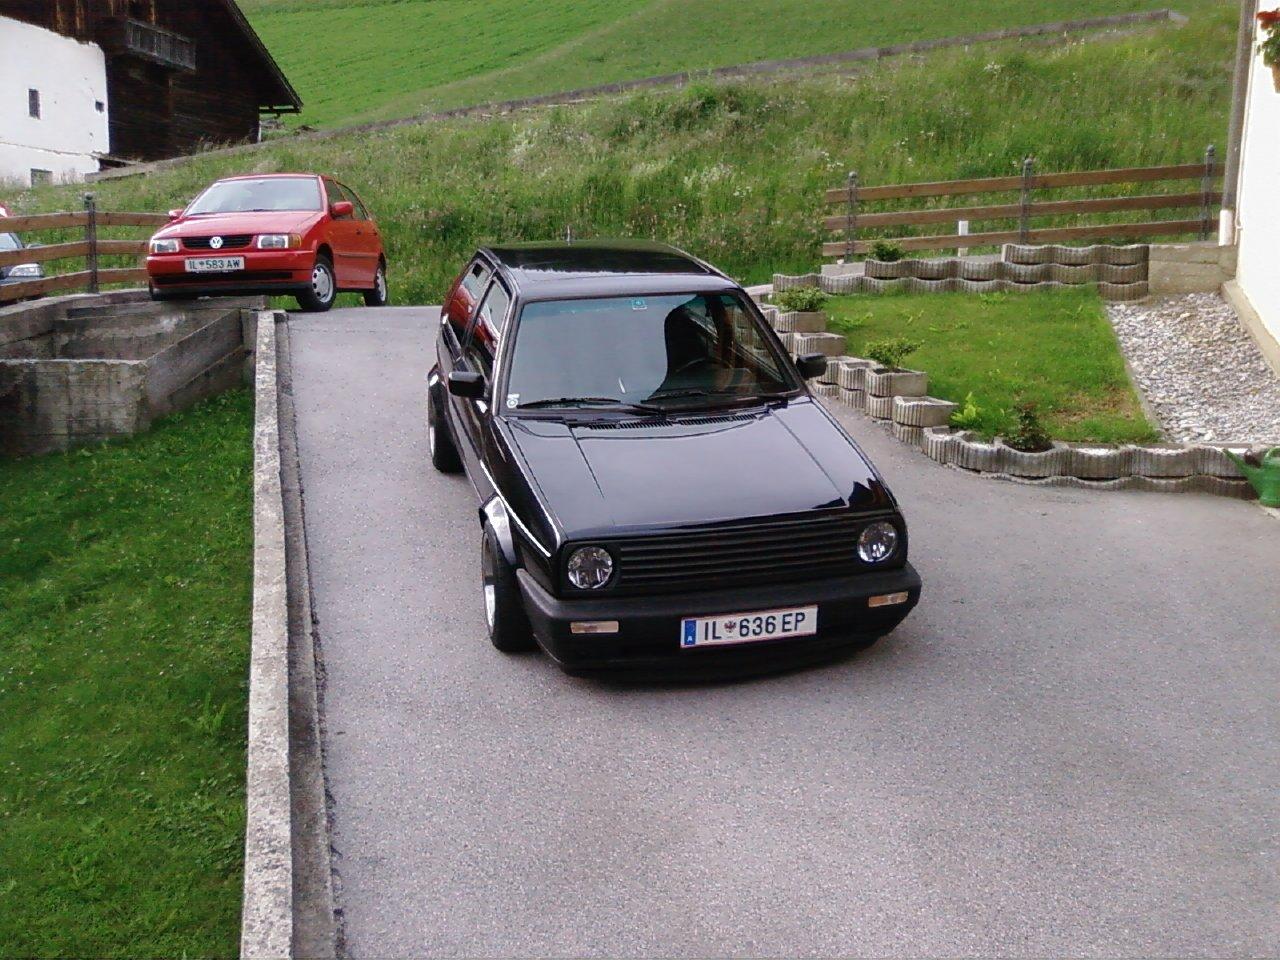 86er Mk2 16V 102kw with